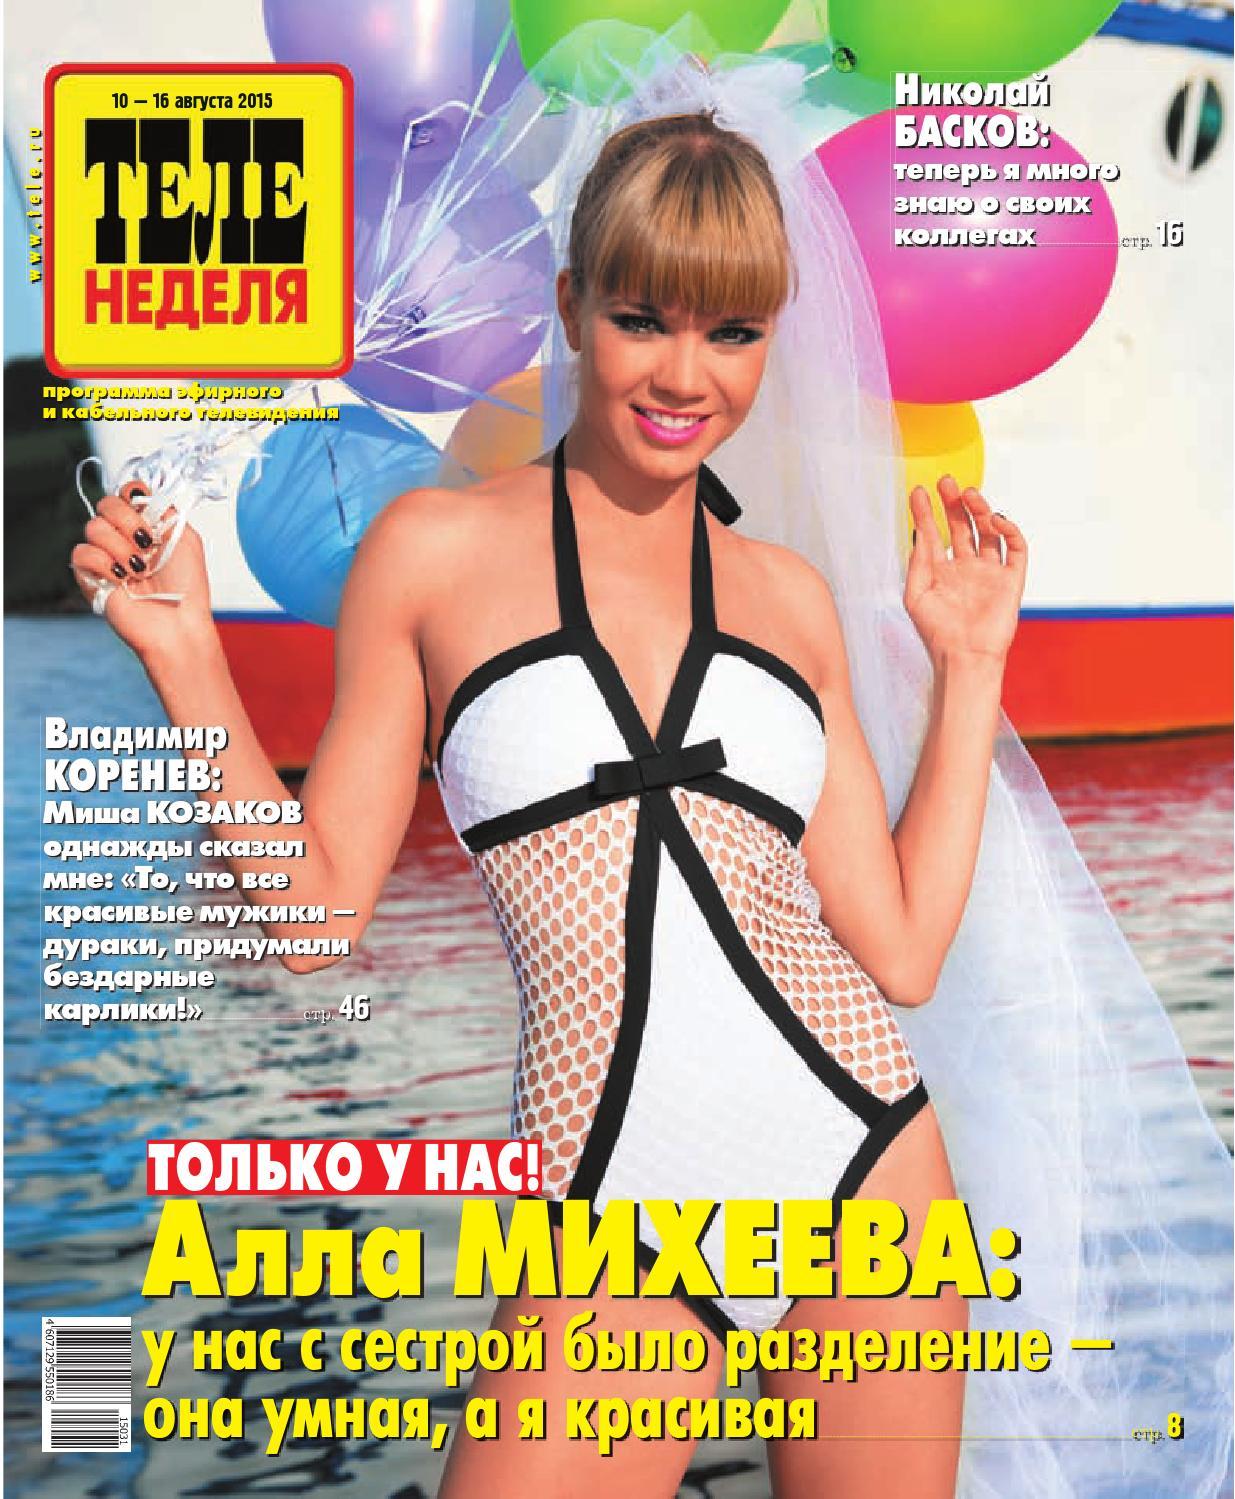 Сайт аллы михеевой 6 фотография